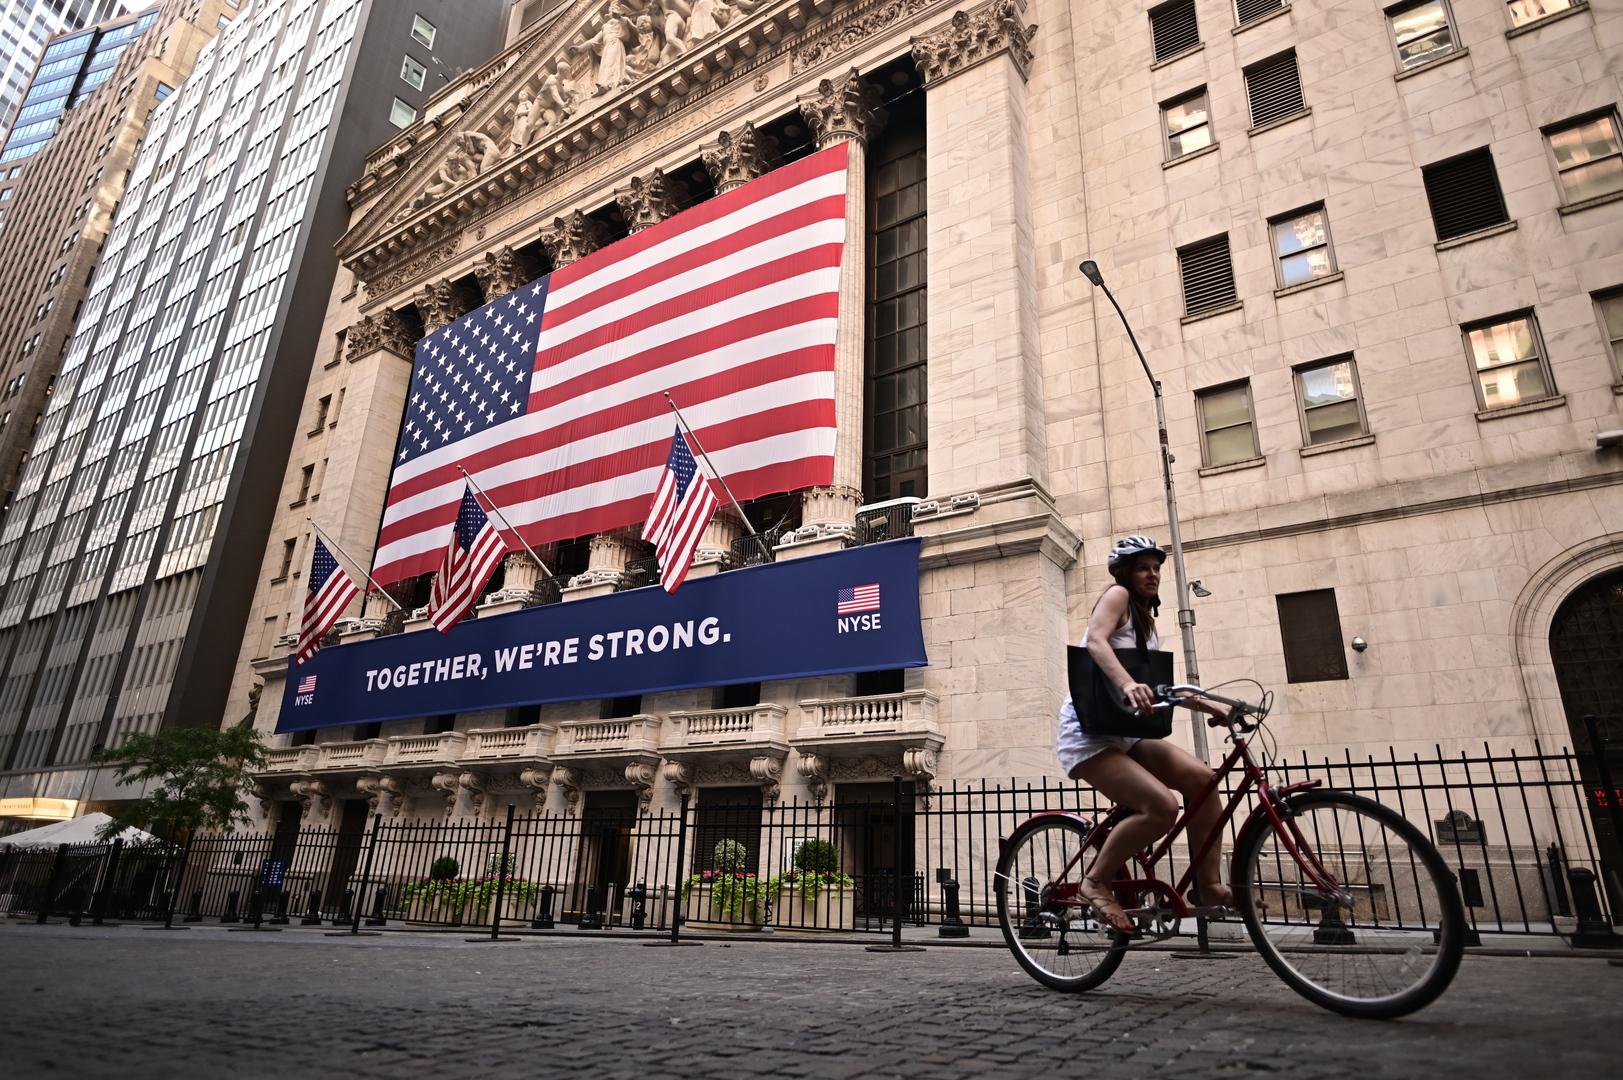 بورصة وول ستريت تغلق مرتفعة بقيادة أسهم الطاقة والمواد الأساسية